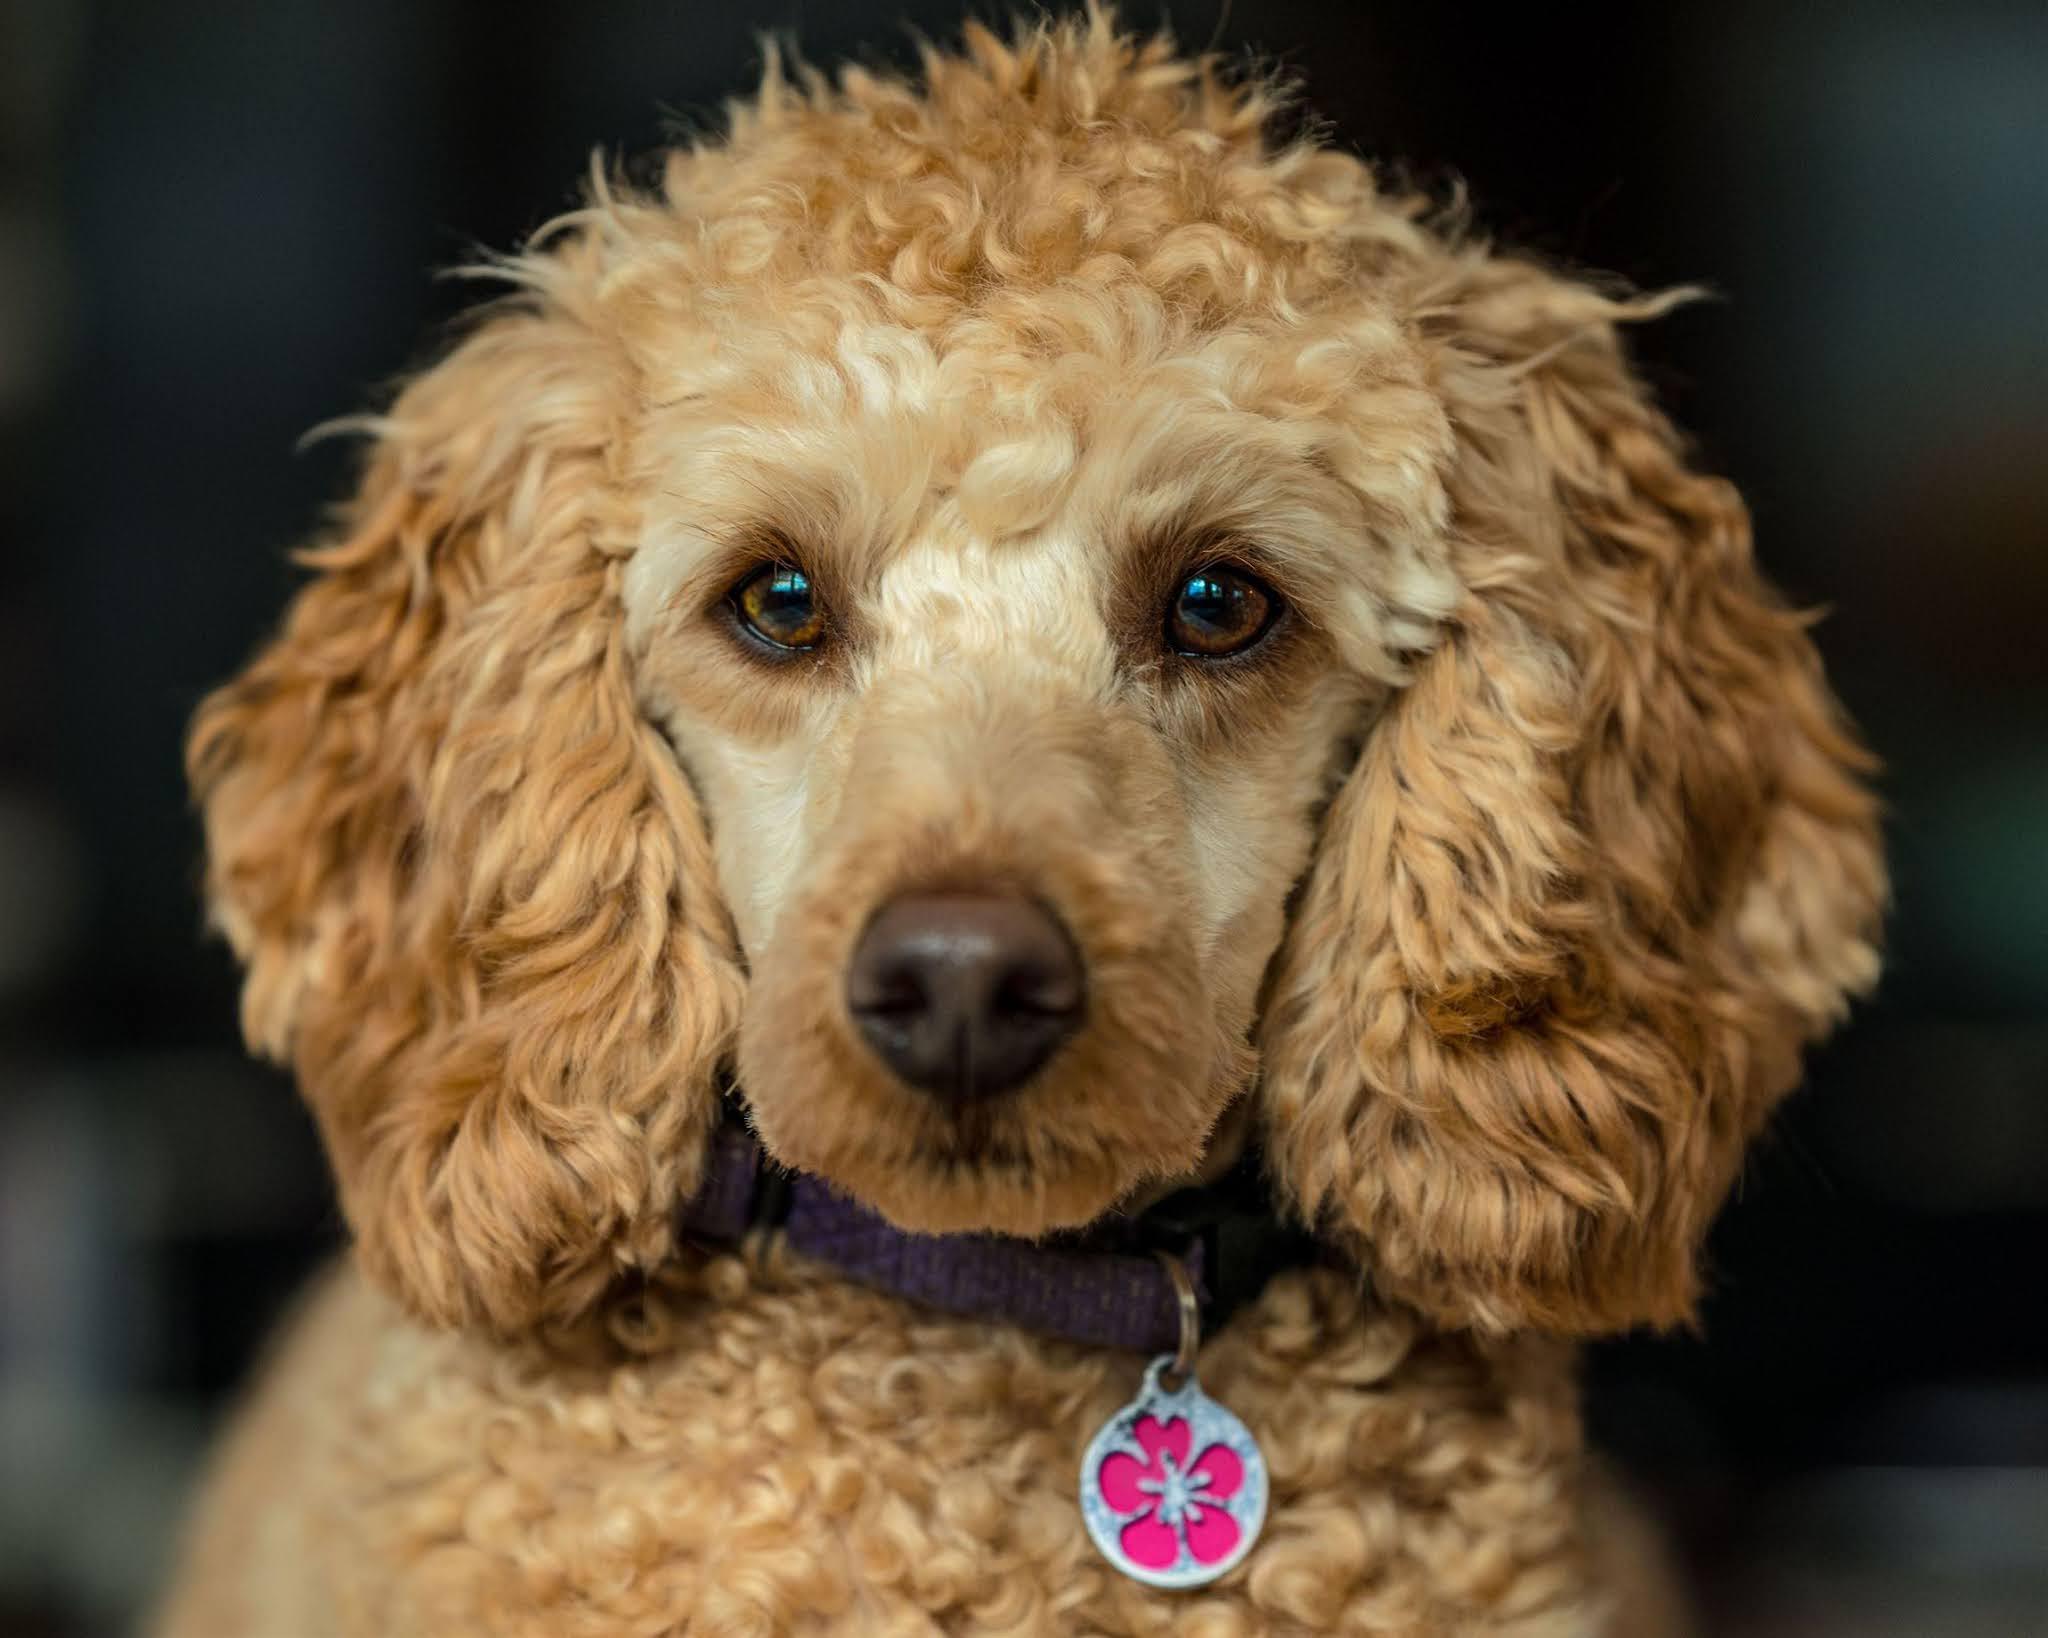 كلب-البودل الكلاب-الاليفة كلب انواع-الكلاب صور-كلاب كلب-هاسكي كلب-بيتبول كلاب-بيتبول بومرينيان كلب-جولدن